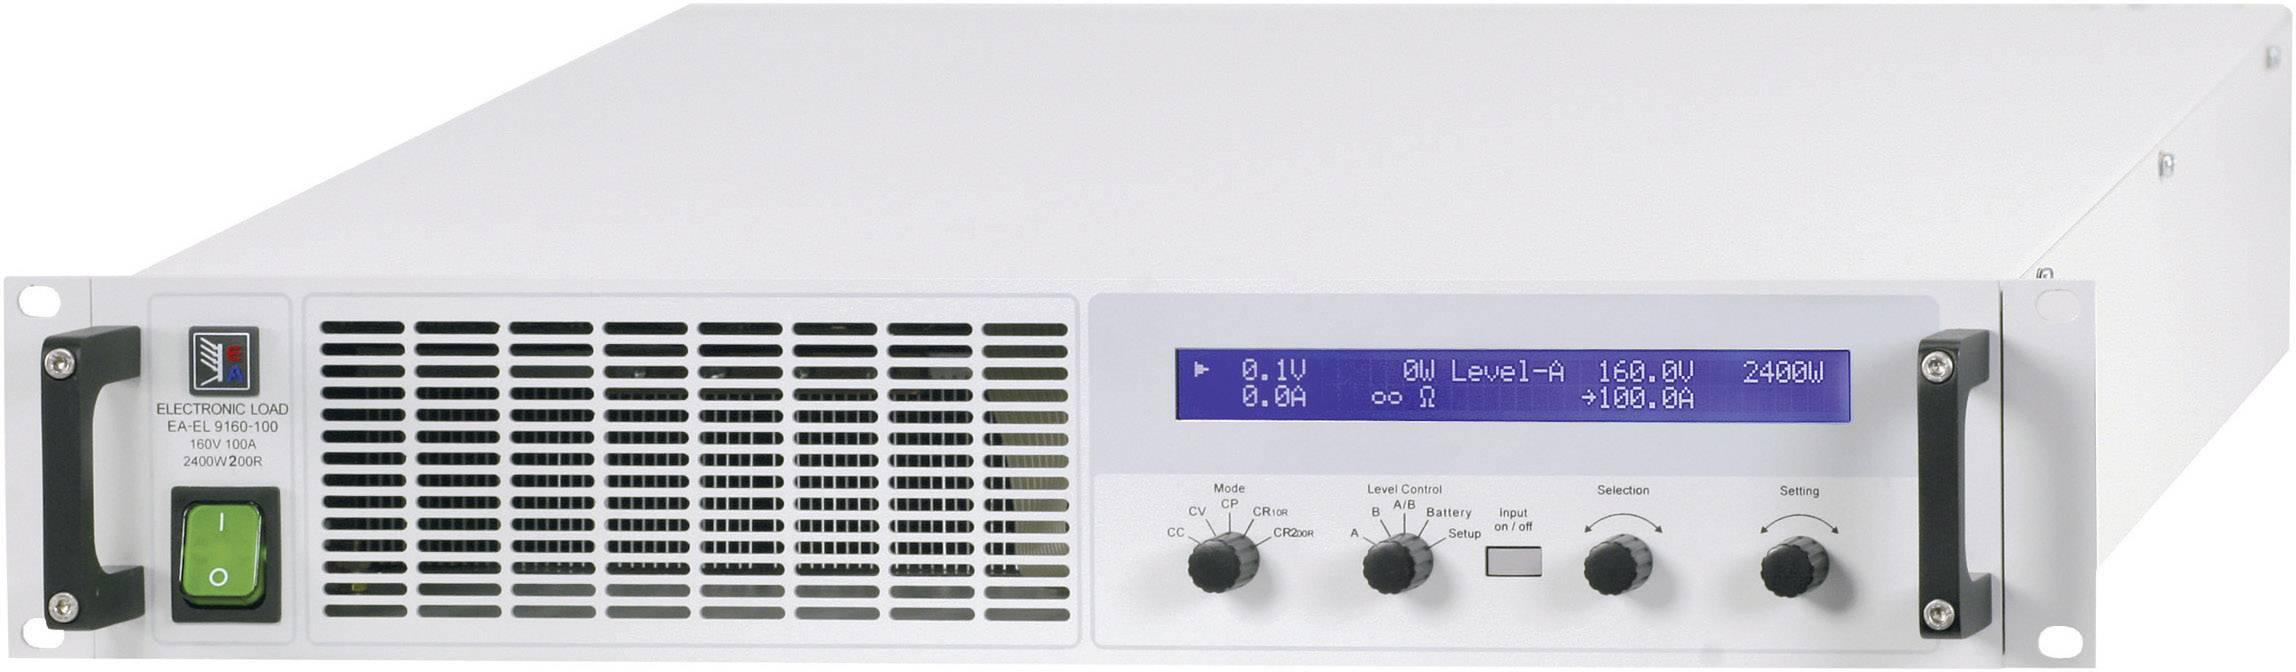 Elektronická zátěž EA 9160-300, 160 V/DC, 300 A, 4500 W